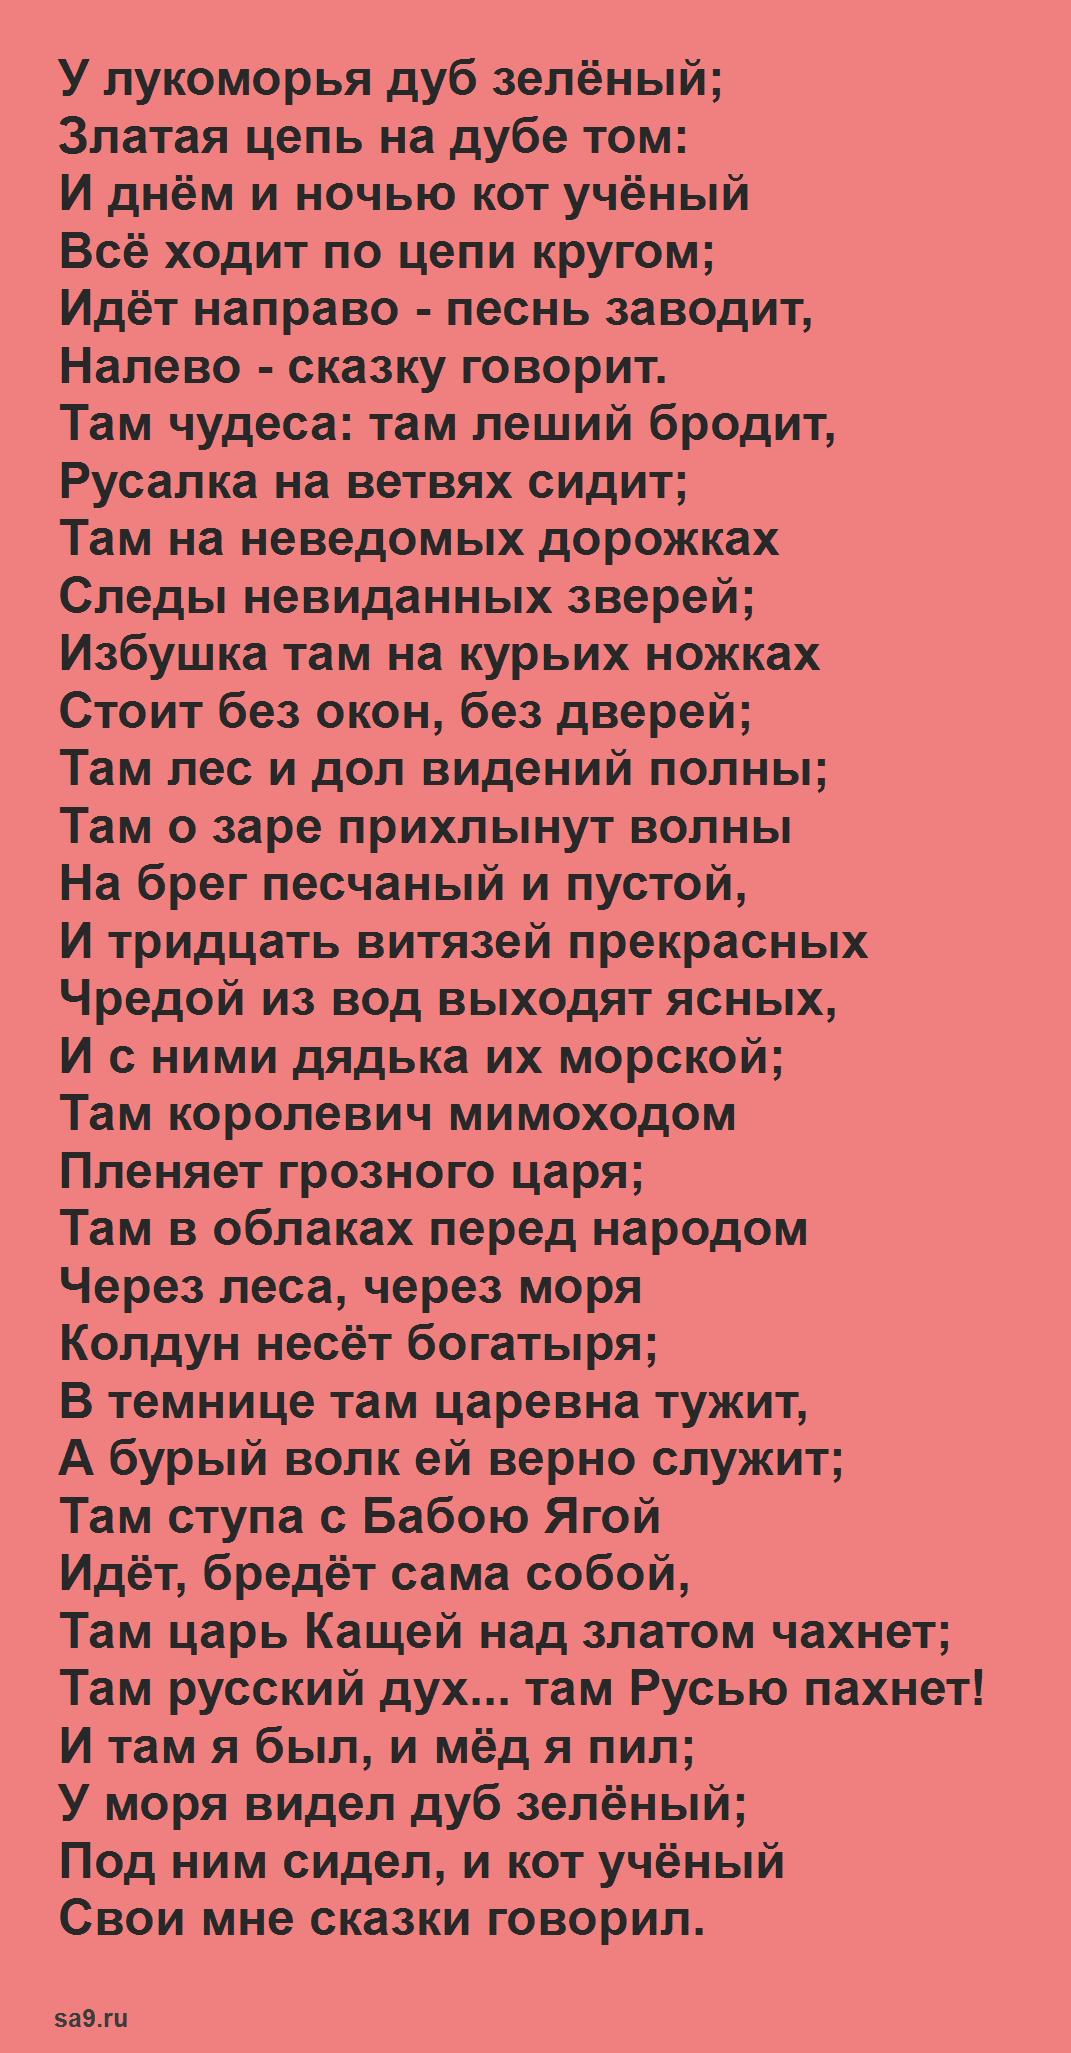 Стих Пушкина - У лукоморья дуб зеленый, легко учащиеся